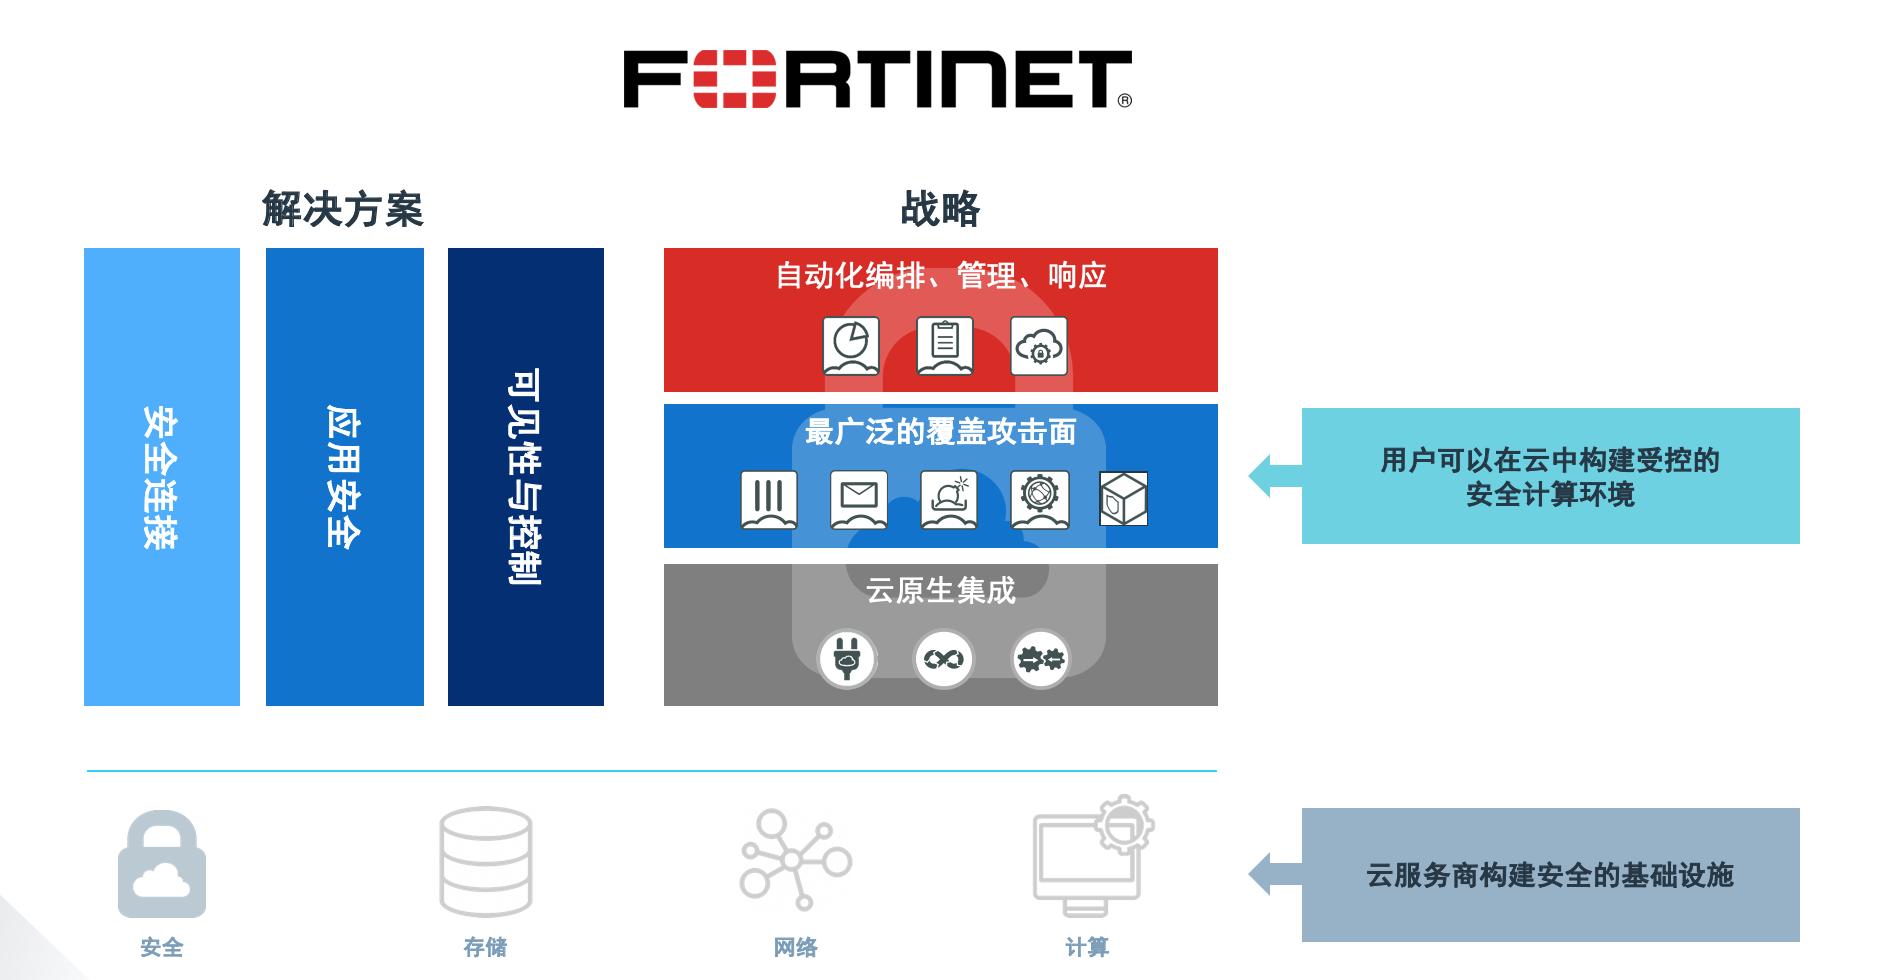 自动化、云原生、全覆盖 Fortinet公布最新云天下彩与天空彩票与你同行战略